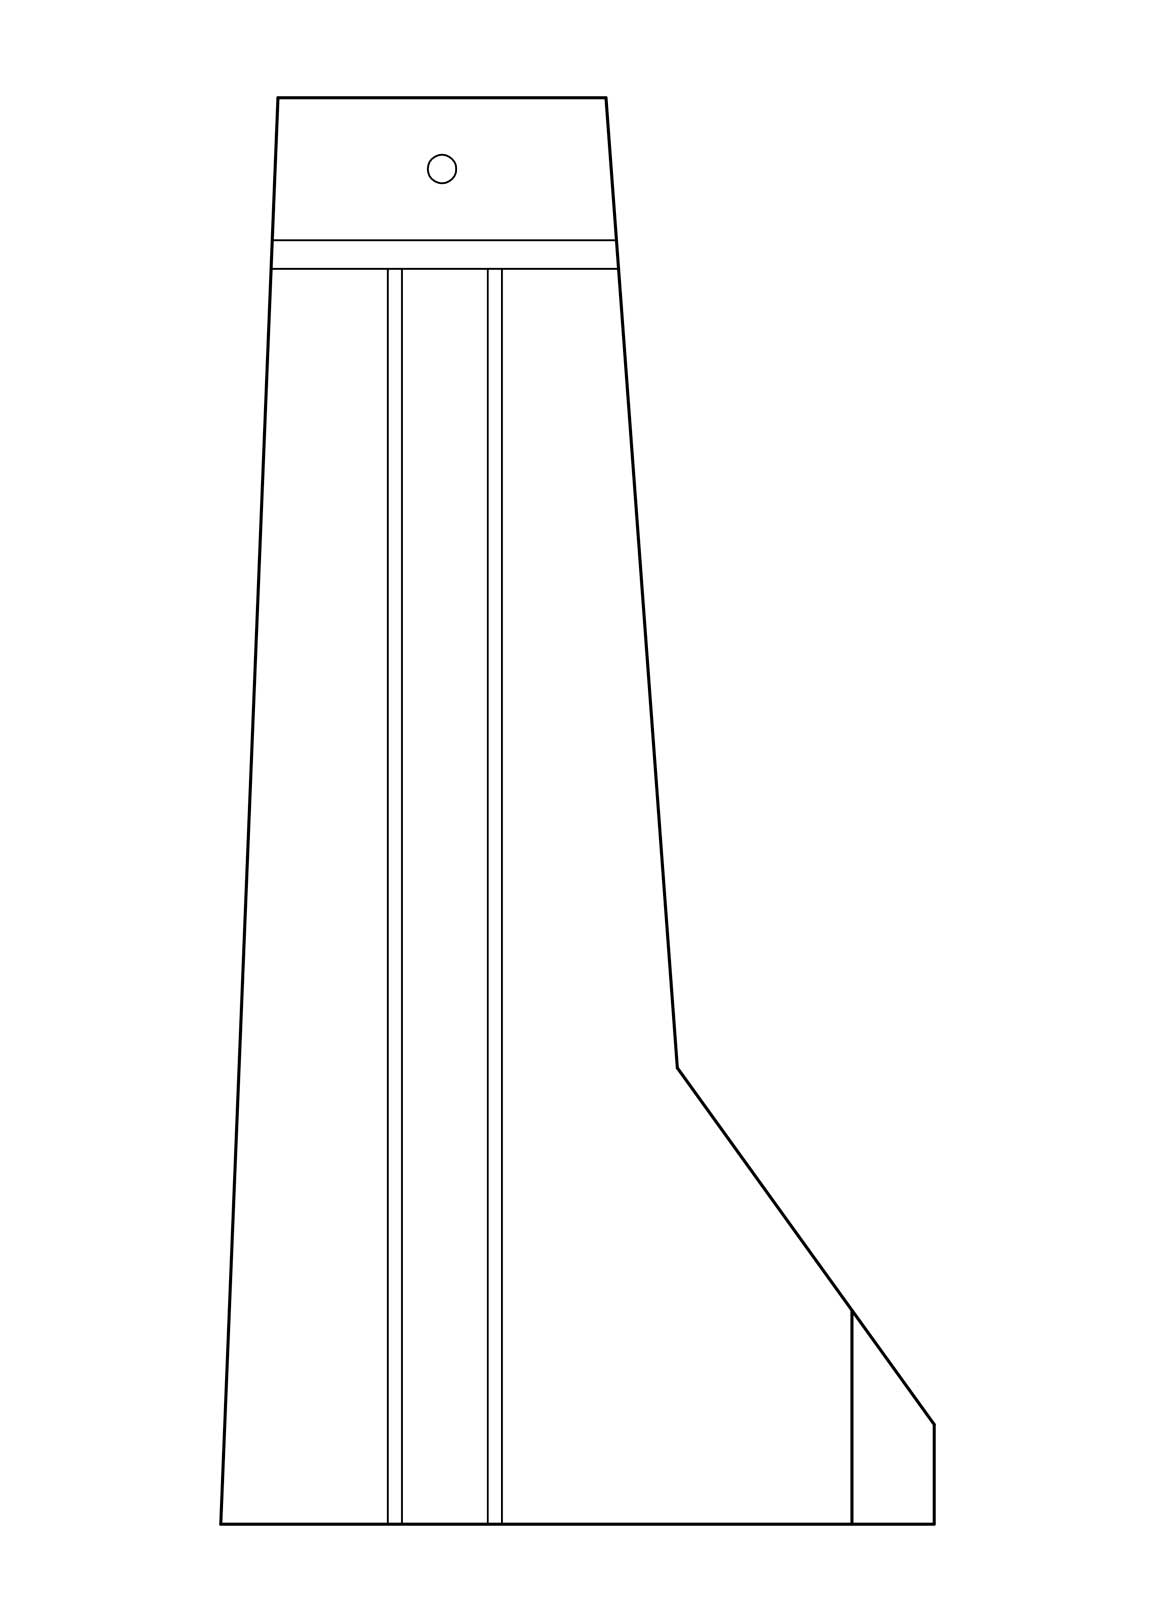 PRETIL de Hormigon-PX6-1-15A - Prefabricados Jocar